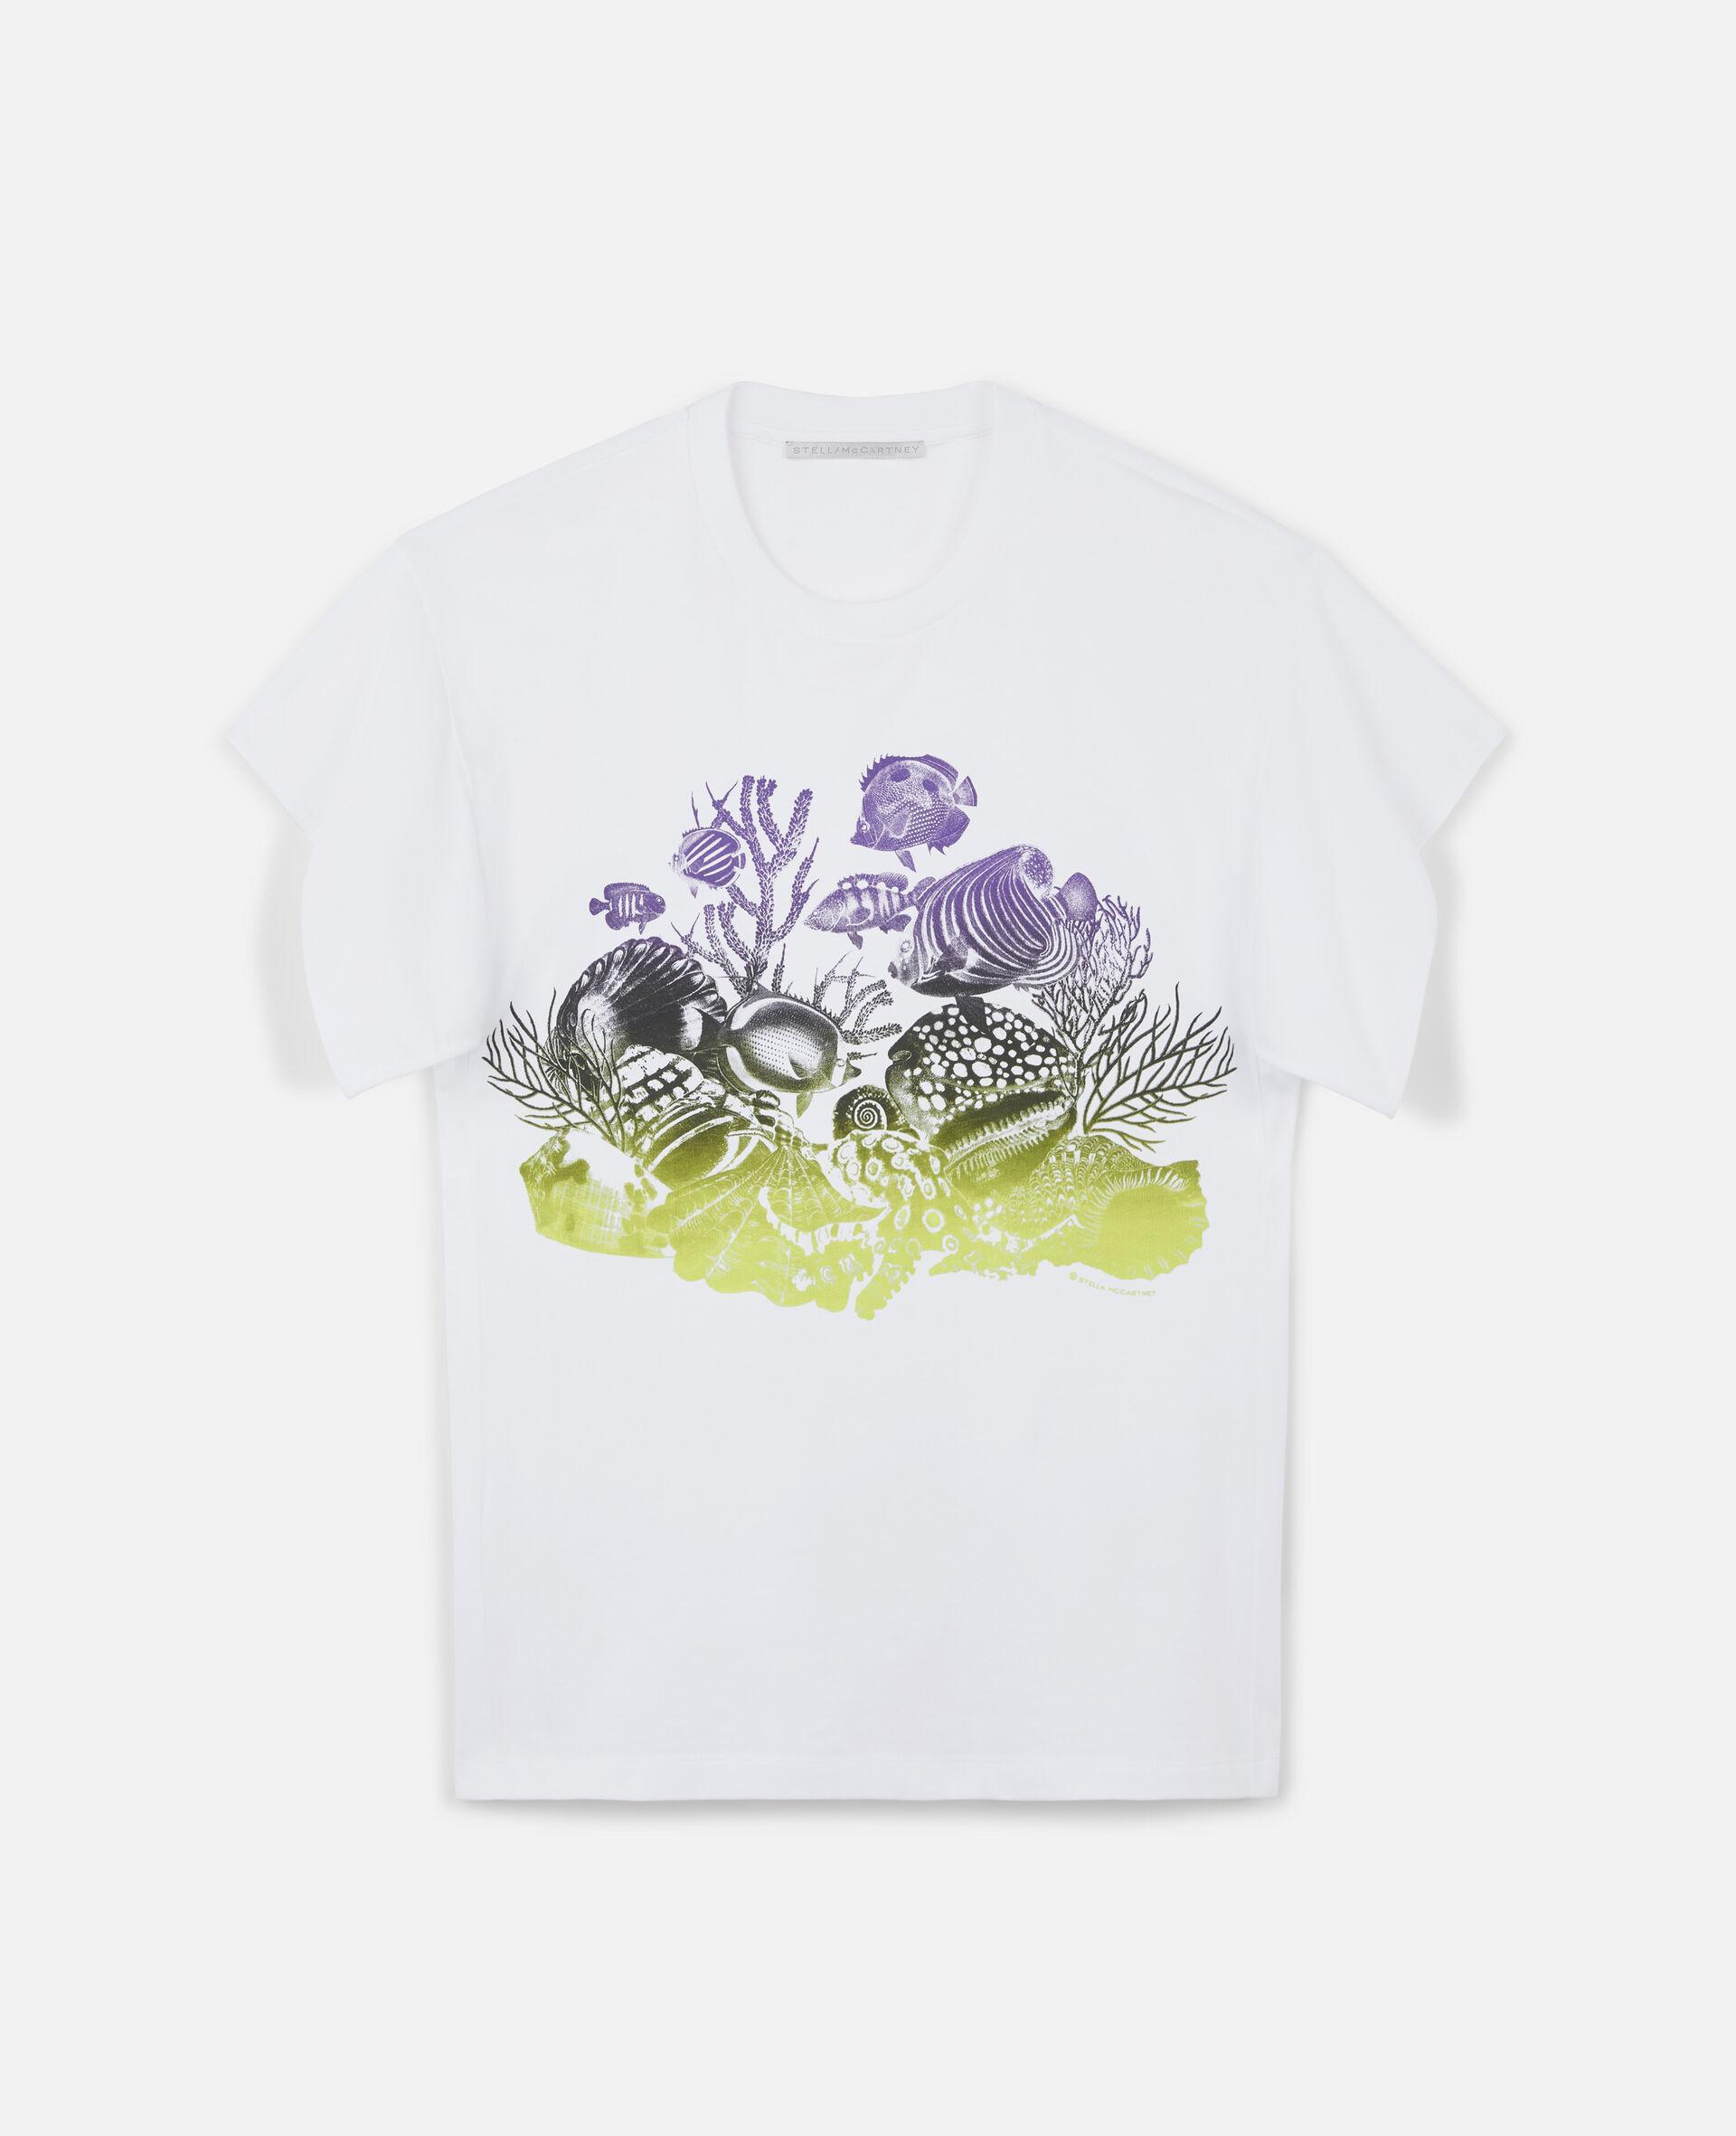 シーライフ プリント コットン Tシャツ-ホワイト-large image number 0